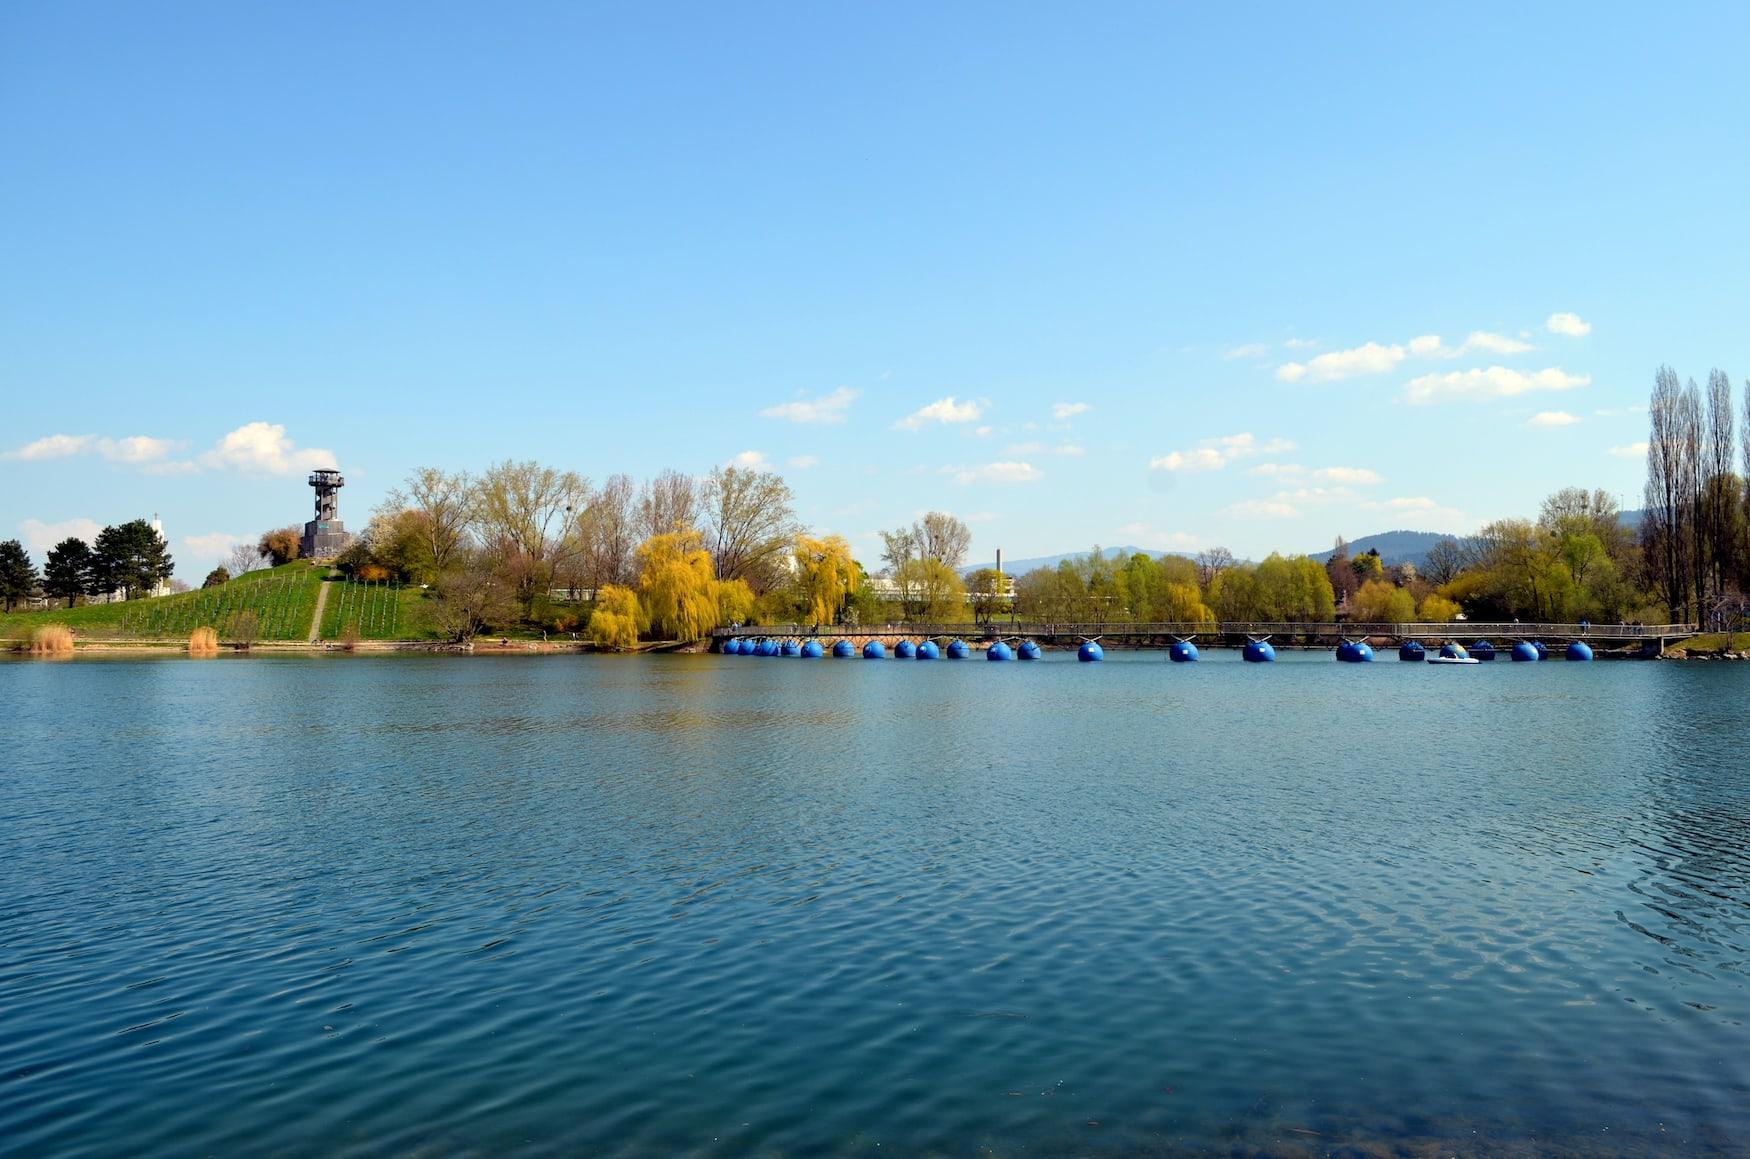 Blick auf den Seepark in Freiburg